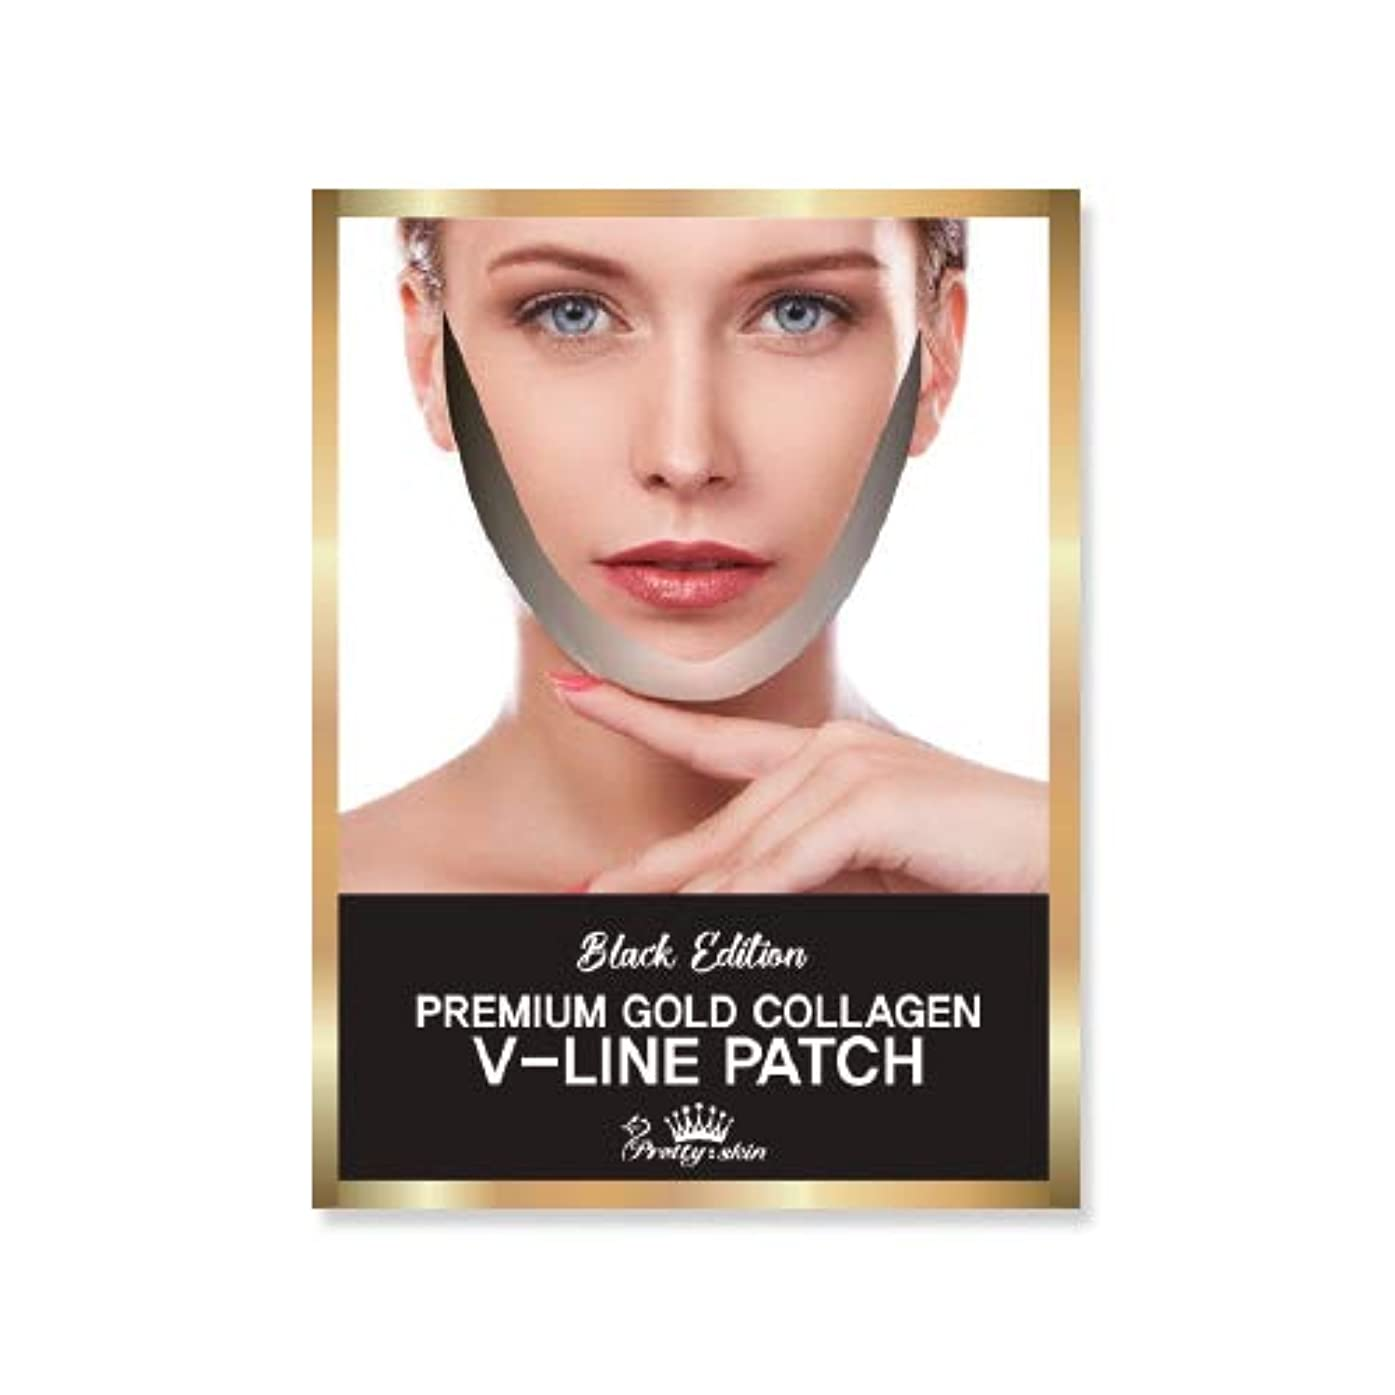 フロンティア却下する肩をすくめるpretty skin プリティスキン V-LINE PATCH ブイラインパッチ リフトアップ マスク (5枚組, ブラック)